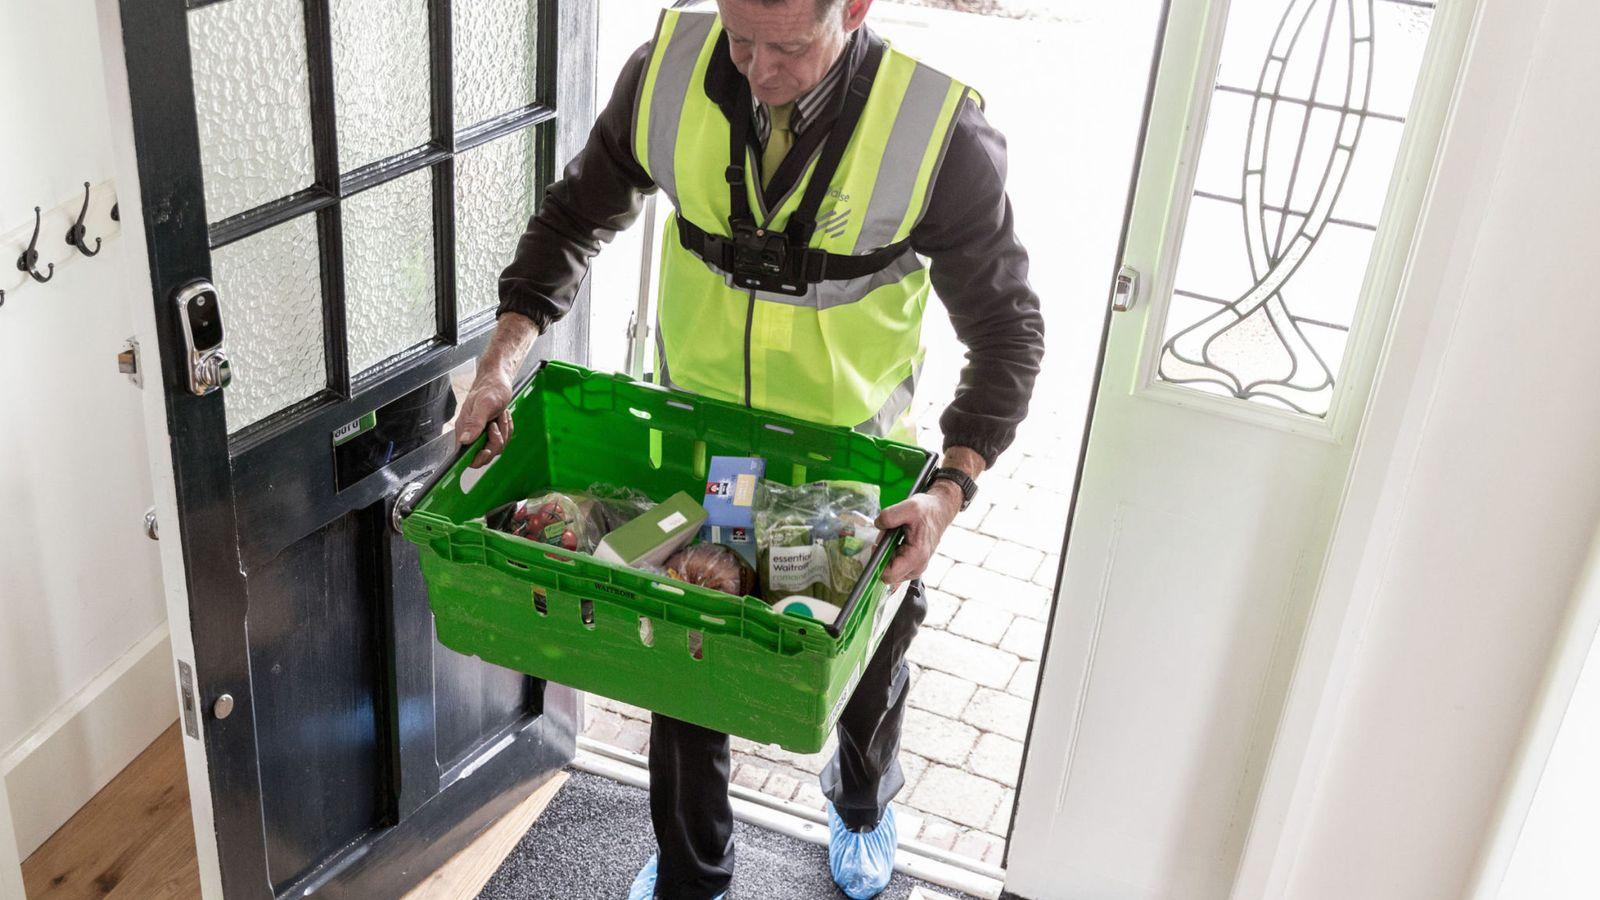 7252597c59c Η νέα τάση στη Βρετανία επιτάσσει τη διανομή τροφίμων κατ' οίκων και ...